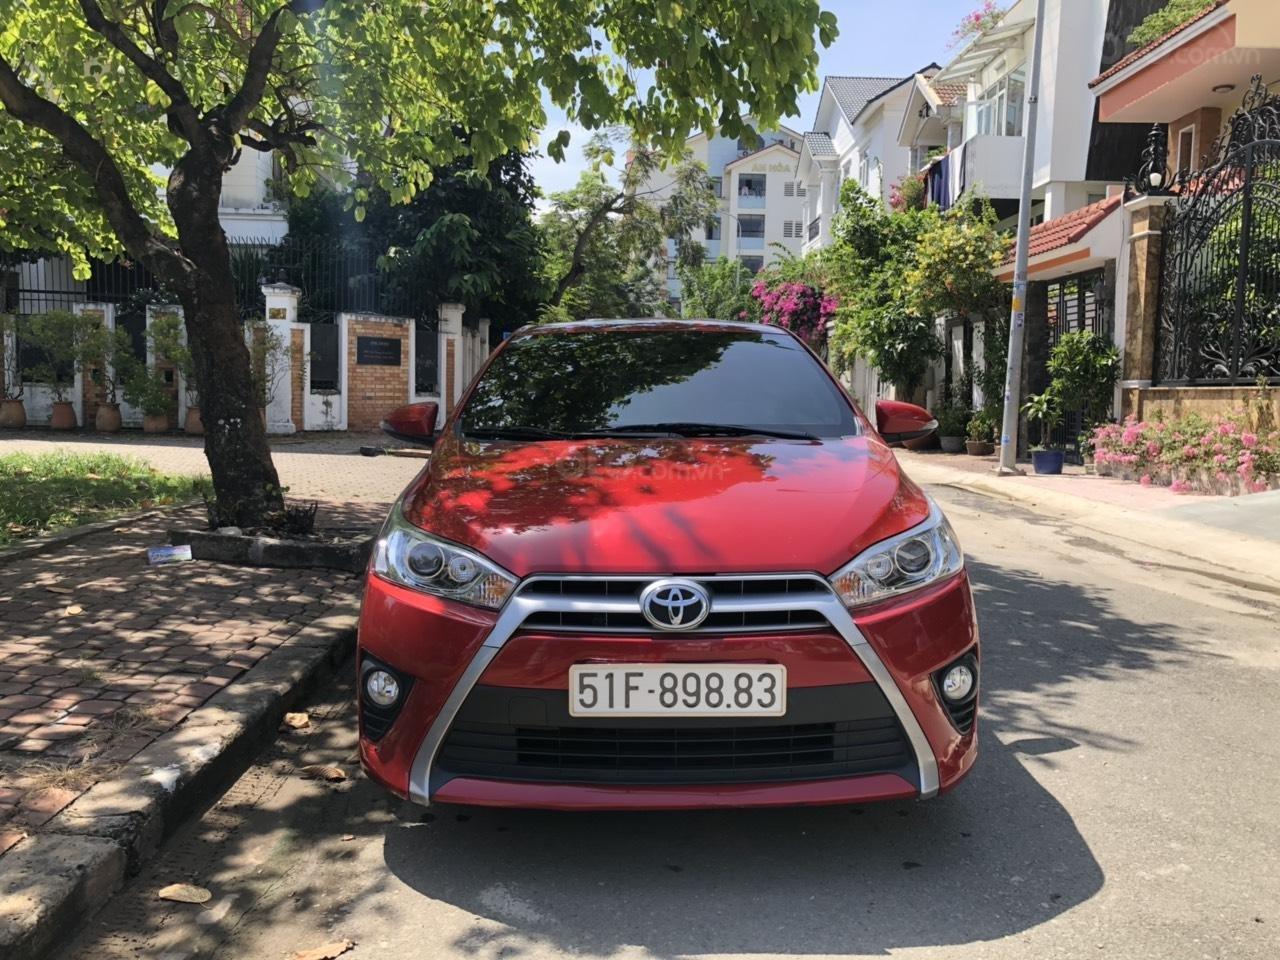 Gia đình đi Úc cần bán Yaris 2017 màu đỏ, nhập Thái Lan, xe đẹp (1)